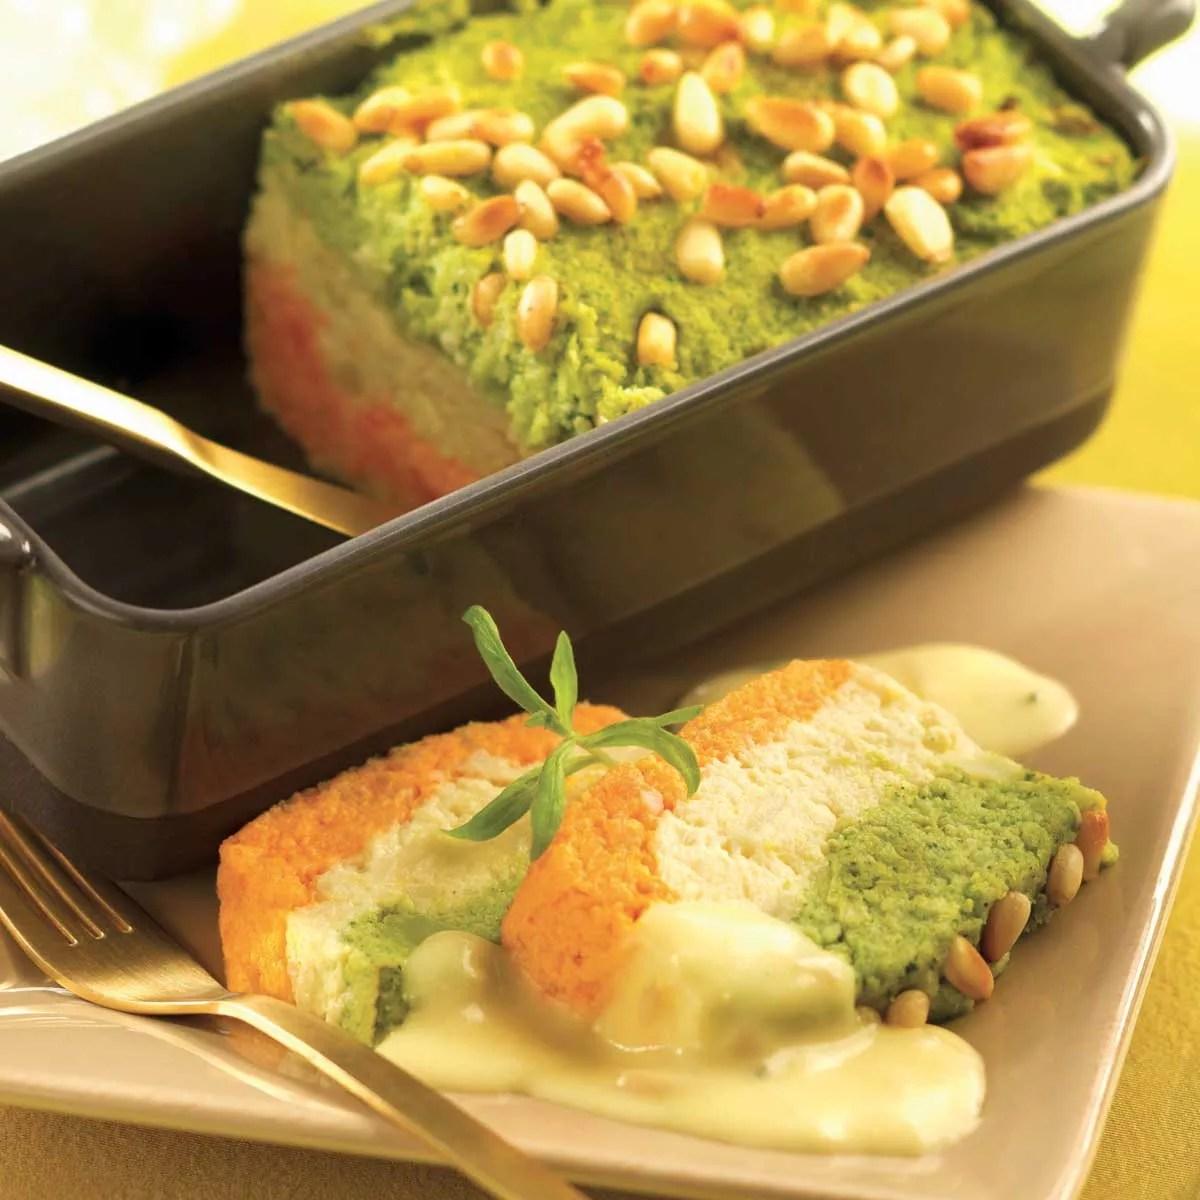 Terrine de carottes et brocolis  une recette Entre amis  Cuisine  Le Figaro Madame